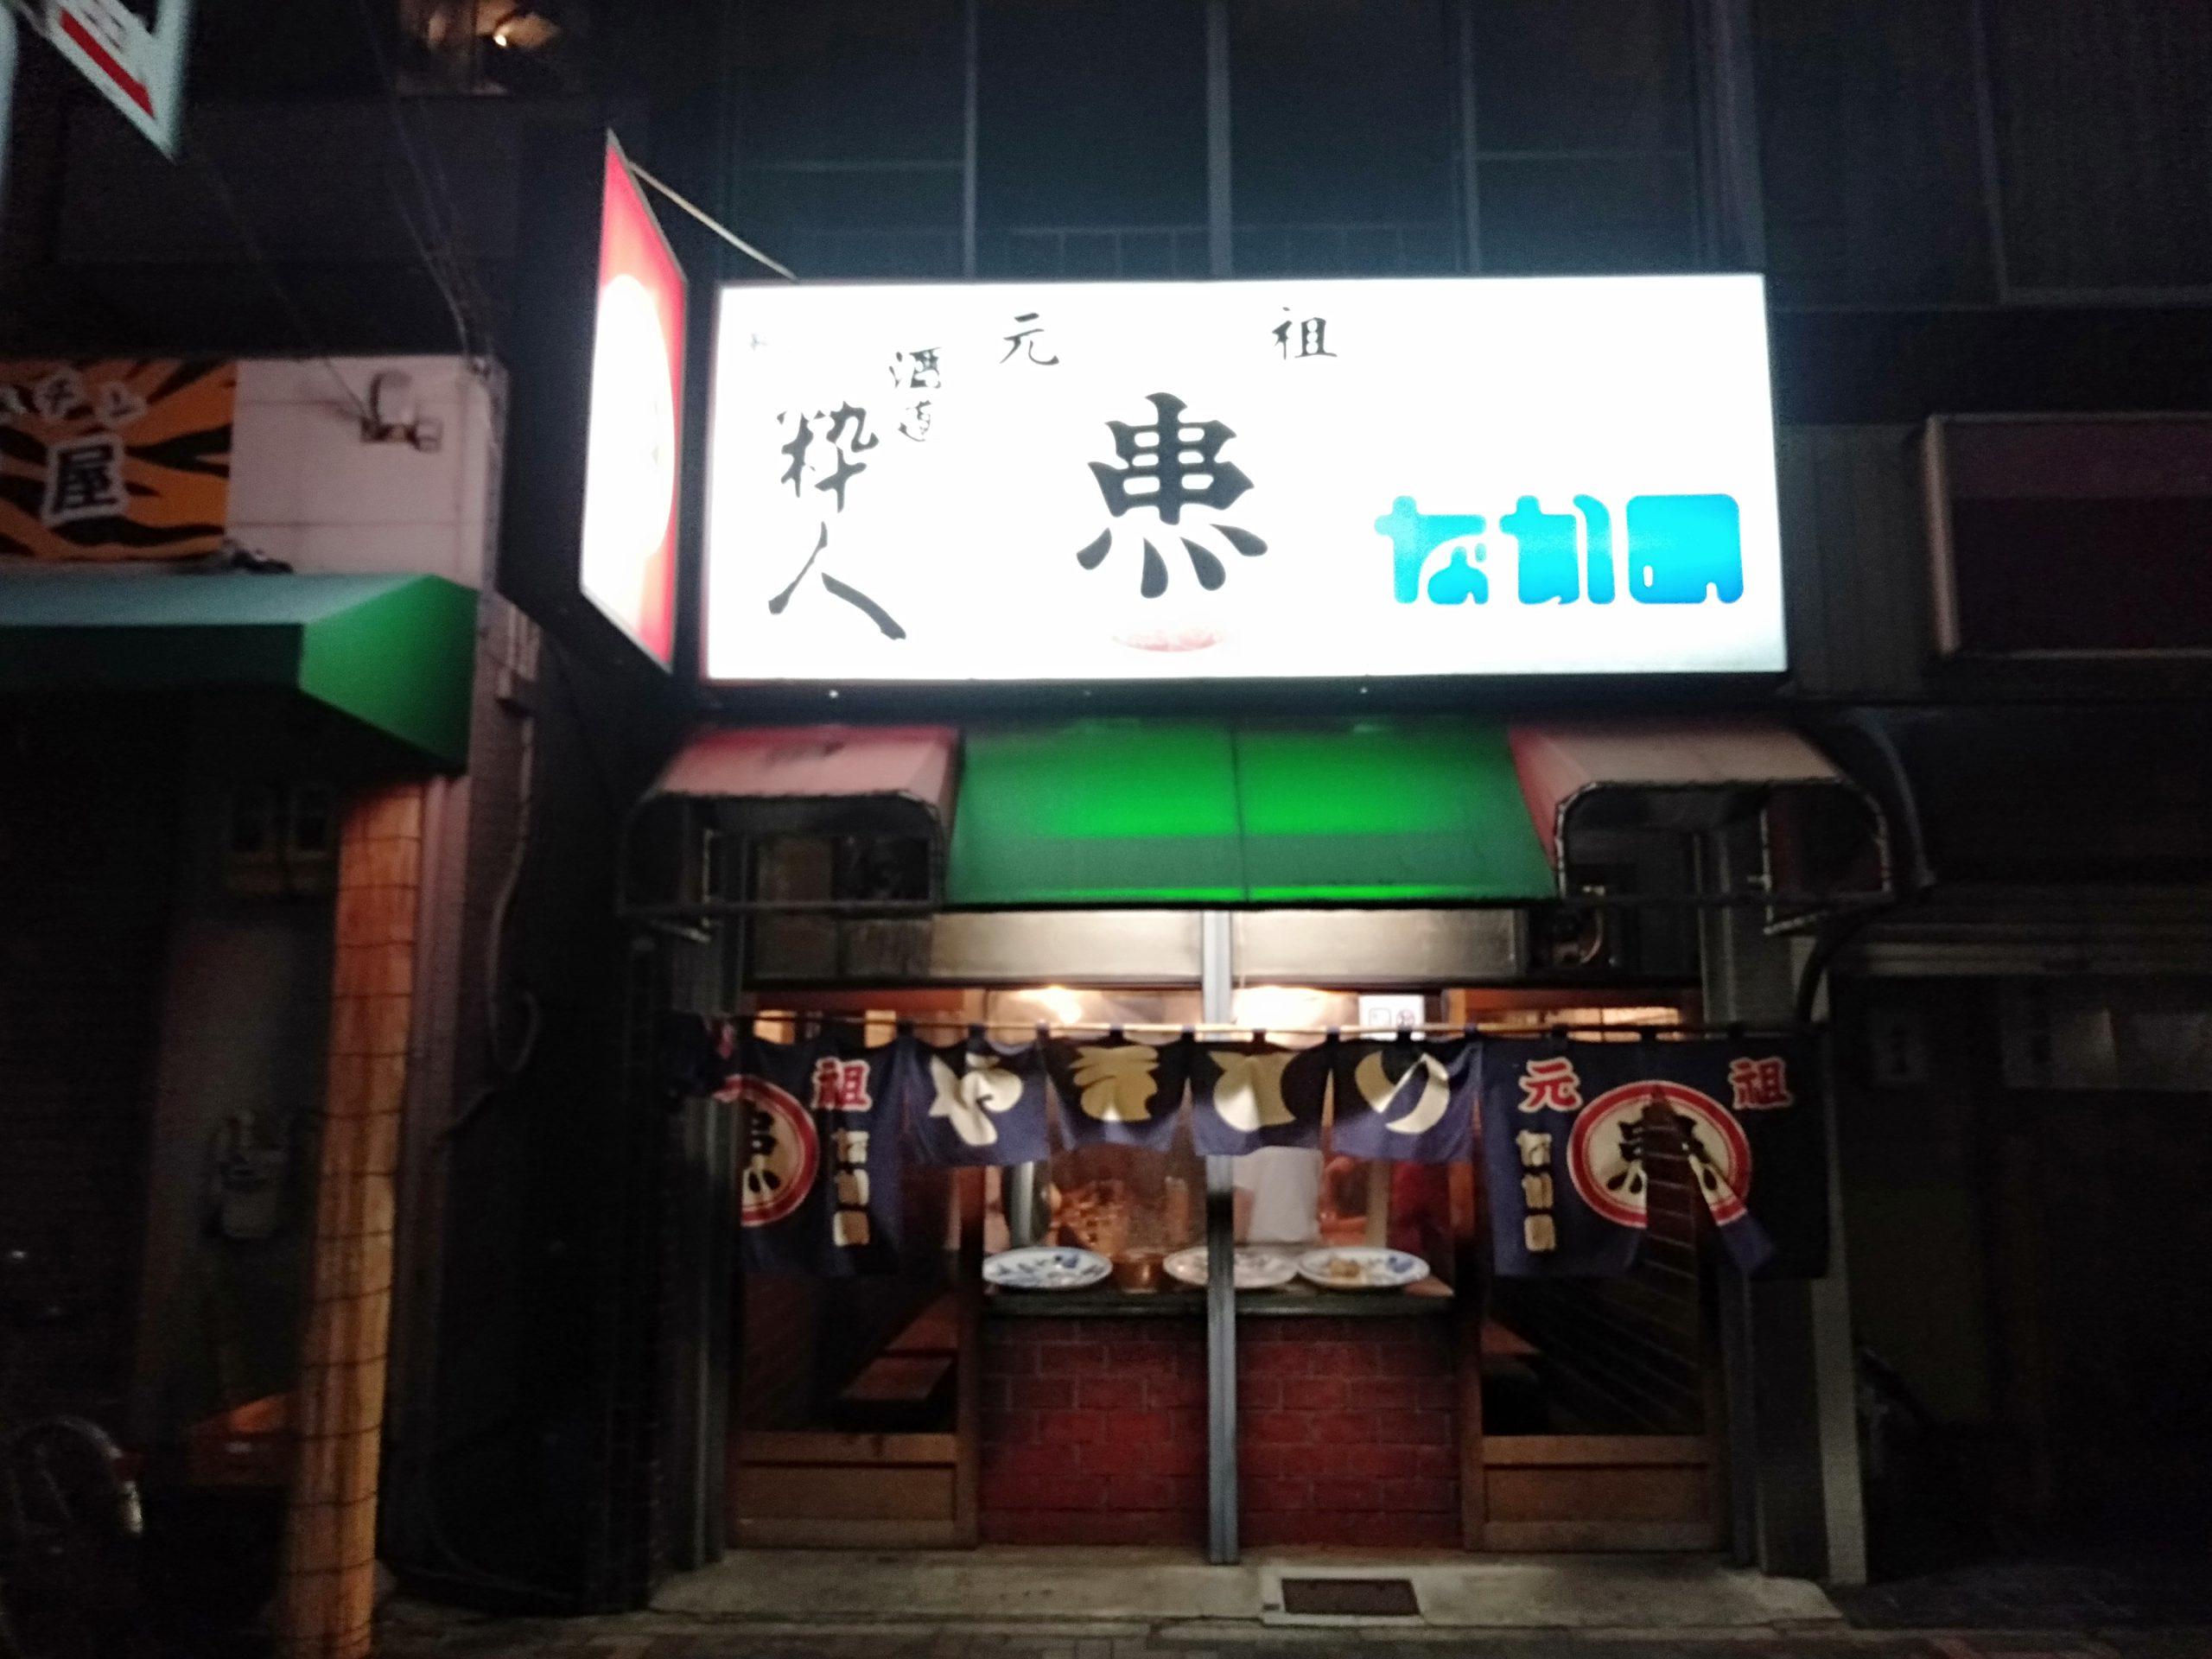 大曽根-なかの-外観-1228